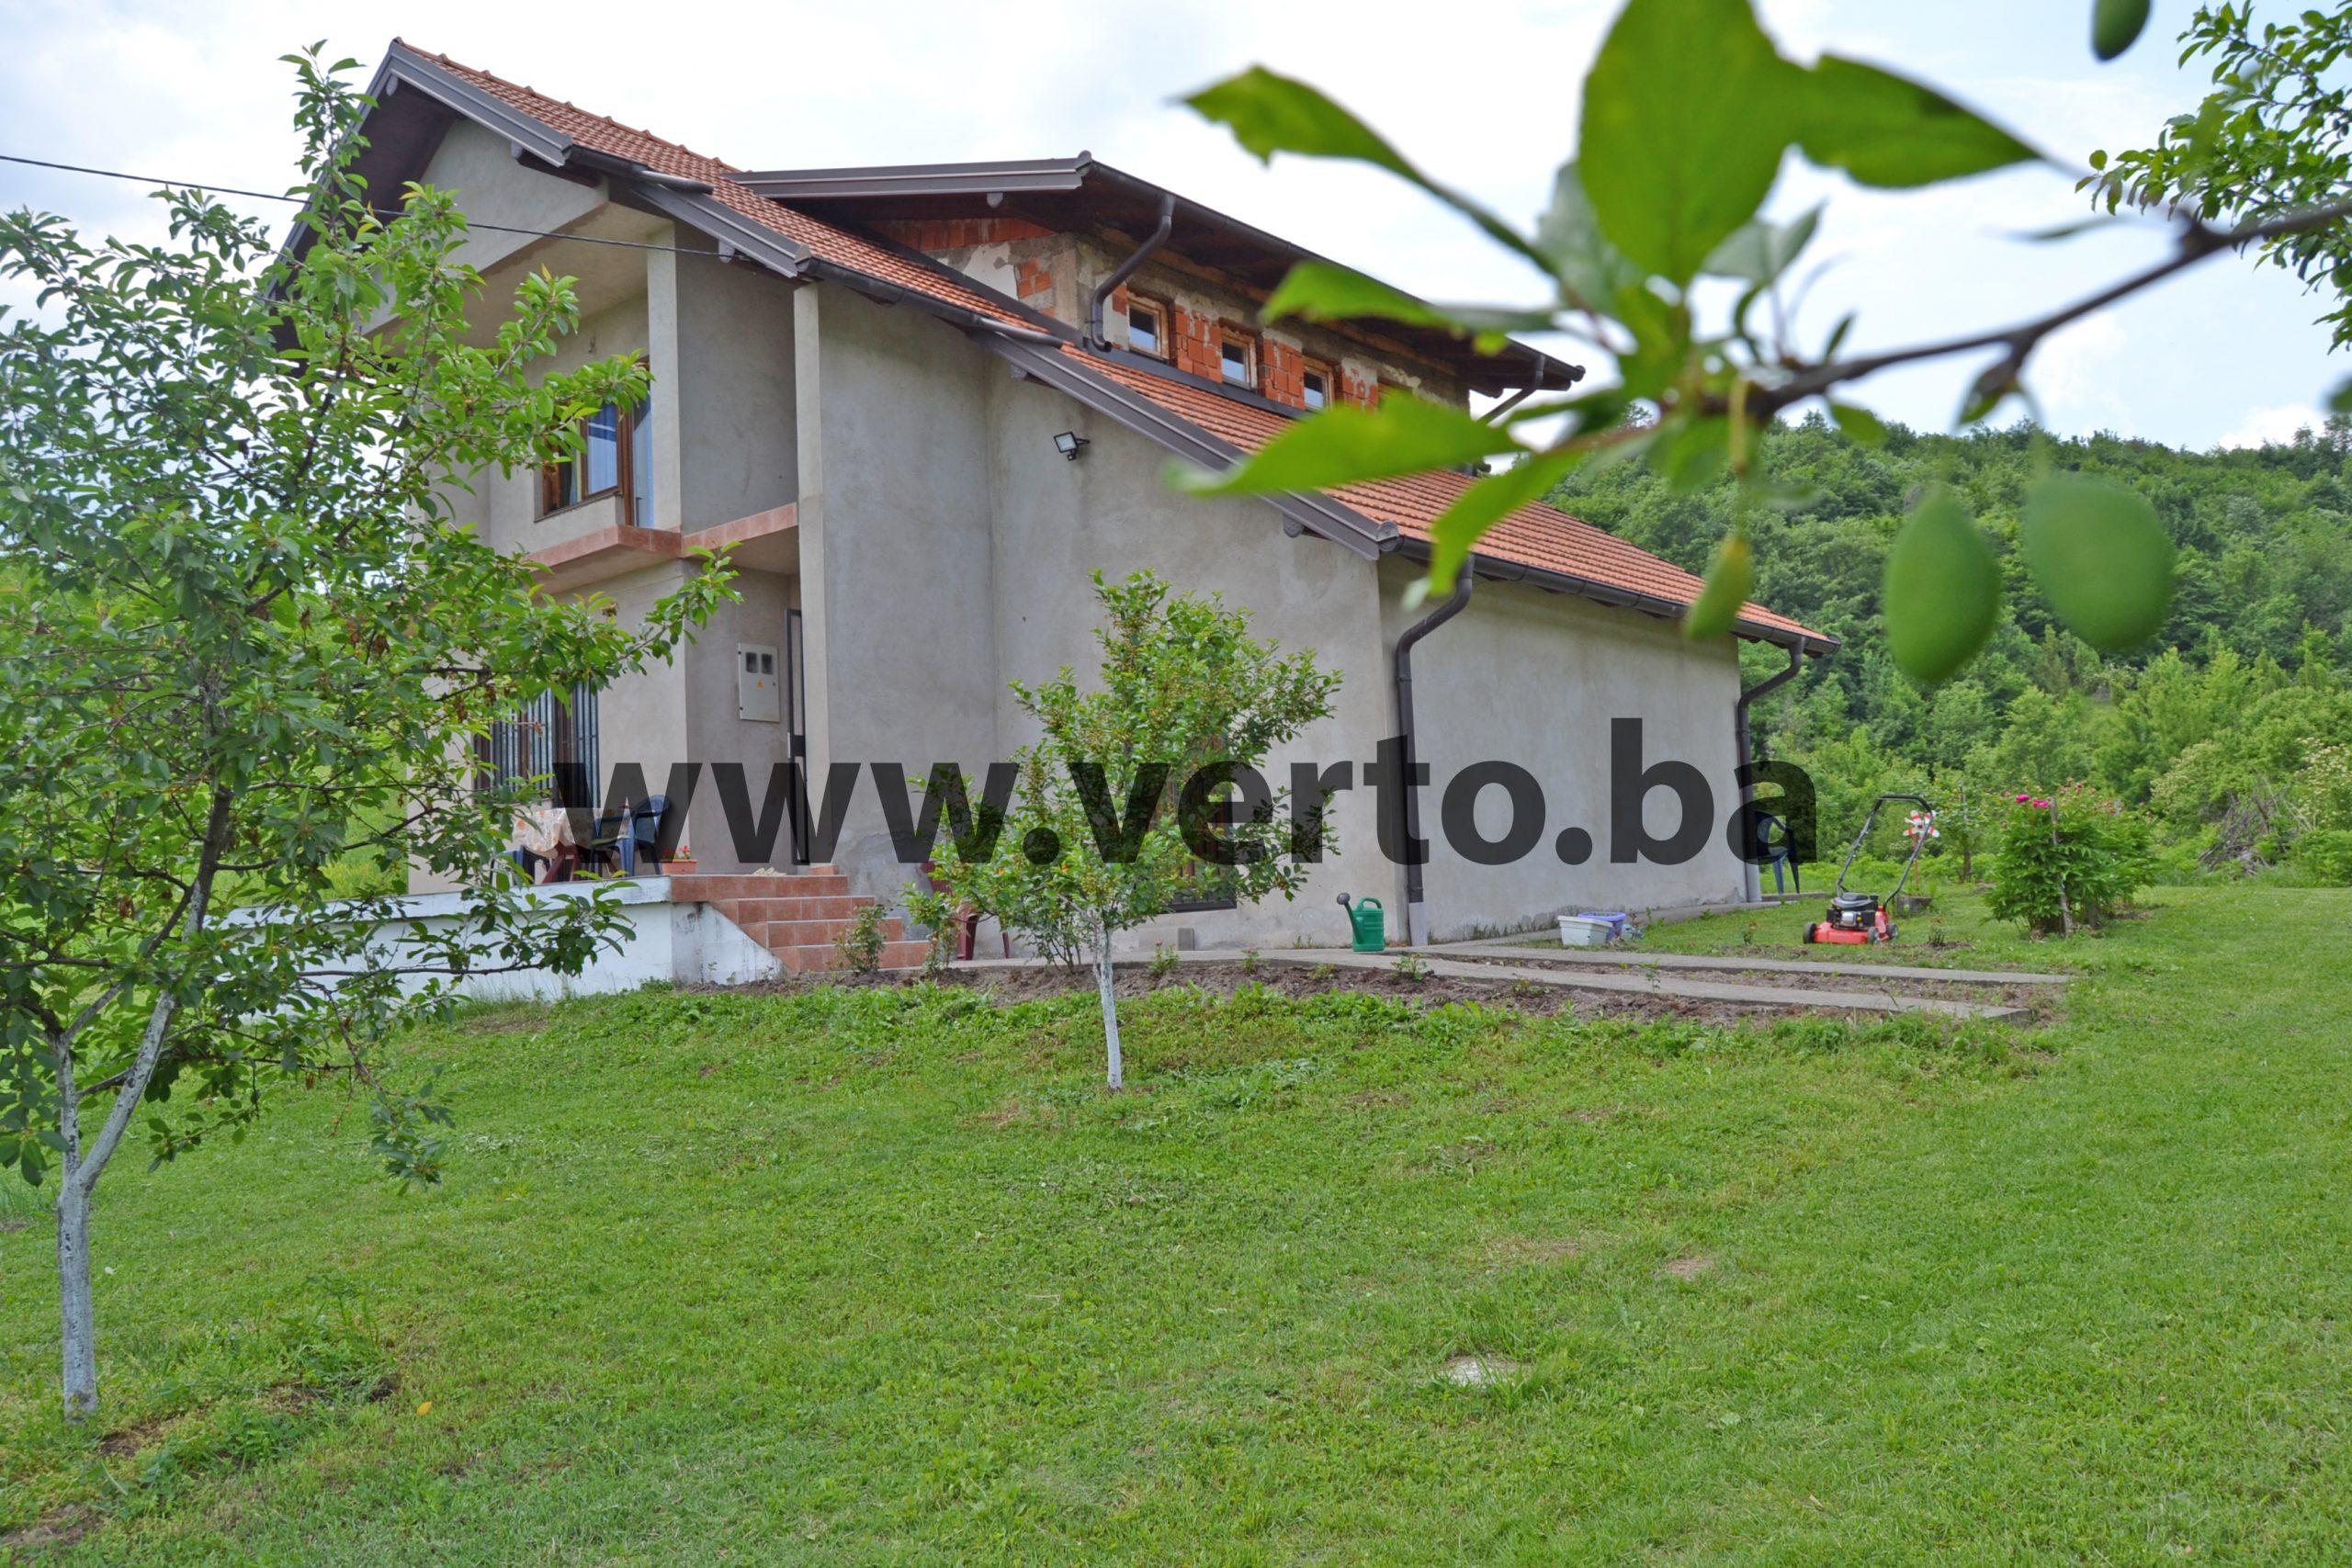 Prodaje se kuca – vikendica 90 m2, na parceli od 2591 m2, Pozarnica, Tuzla